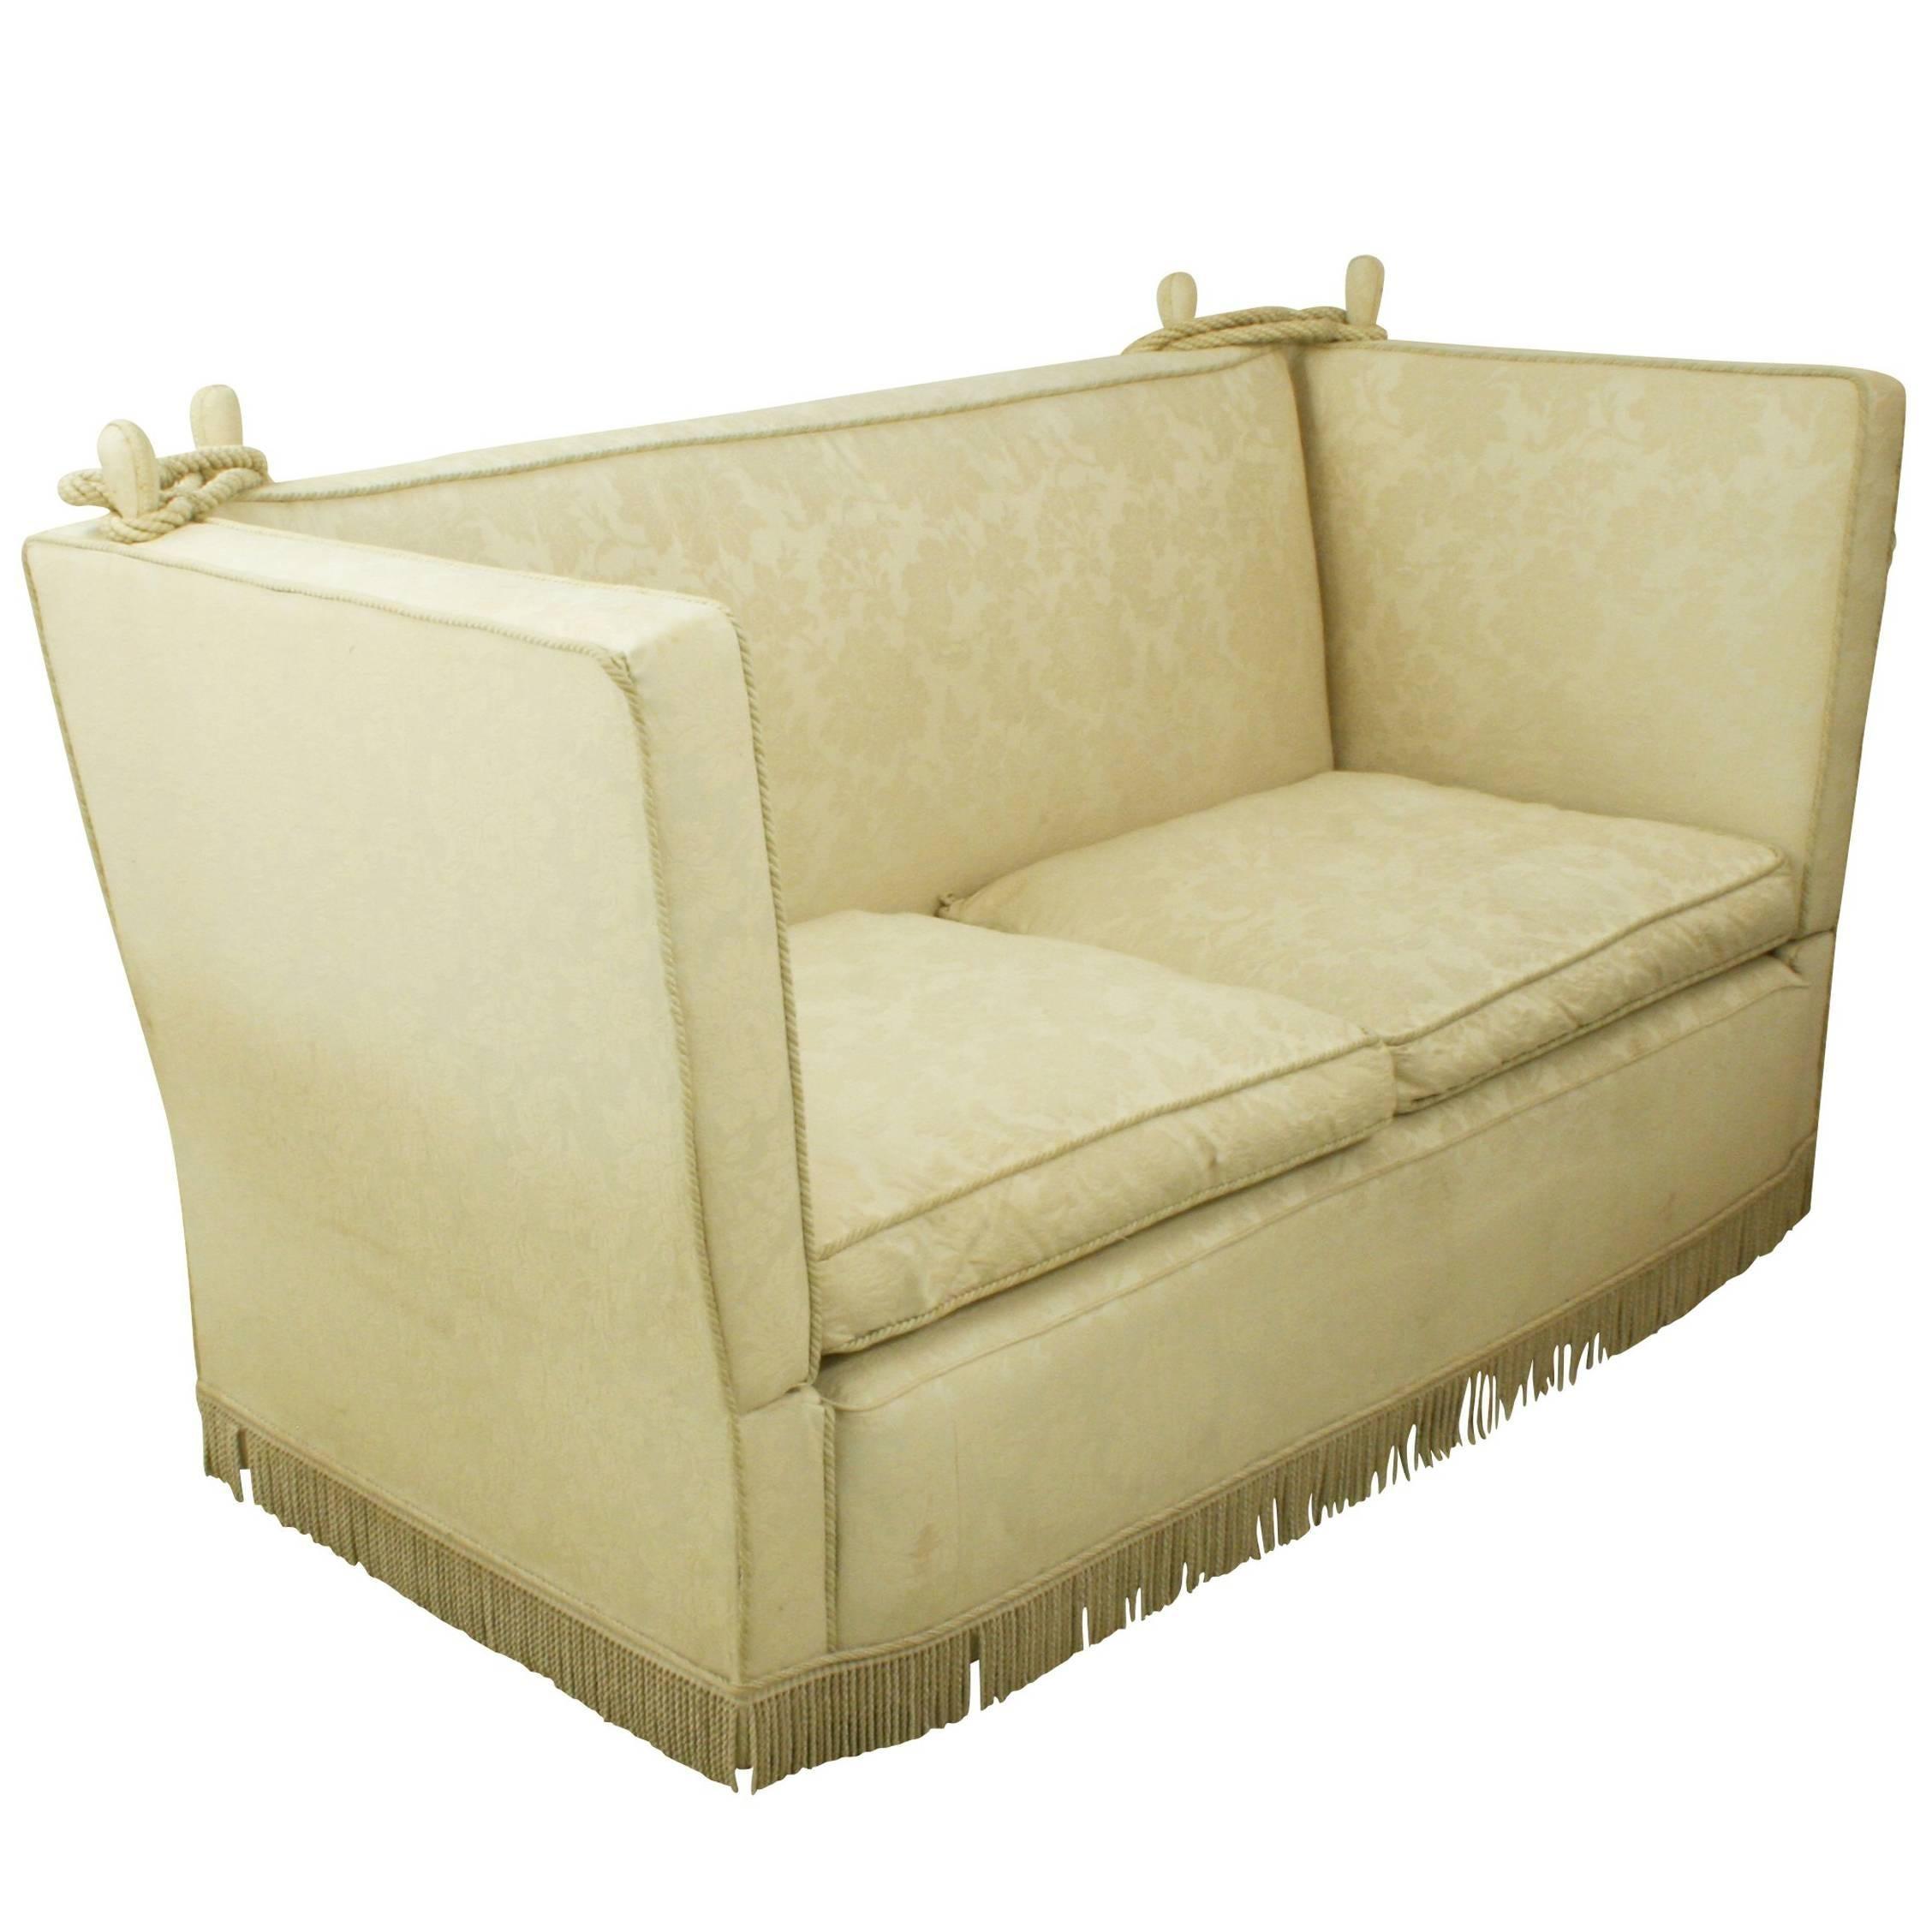 Antique Knole Sofa For Sale